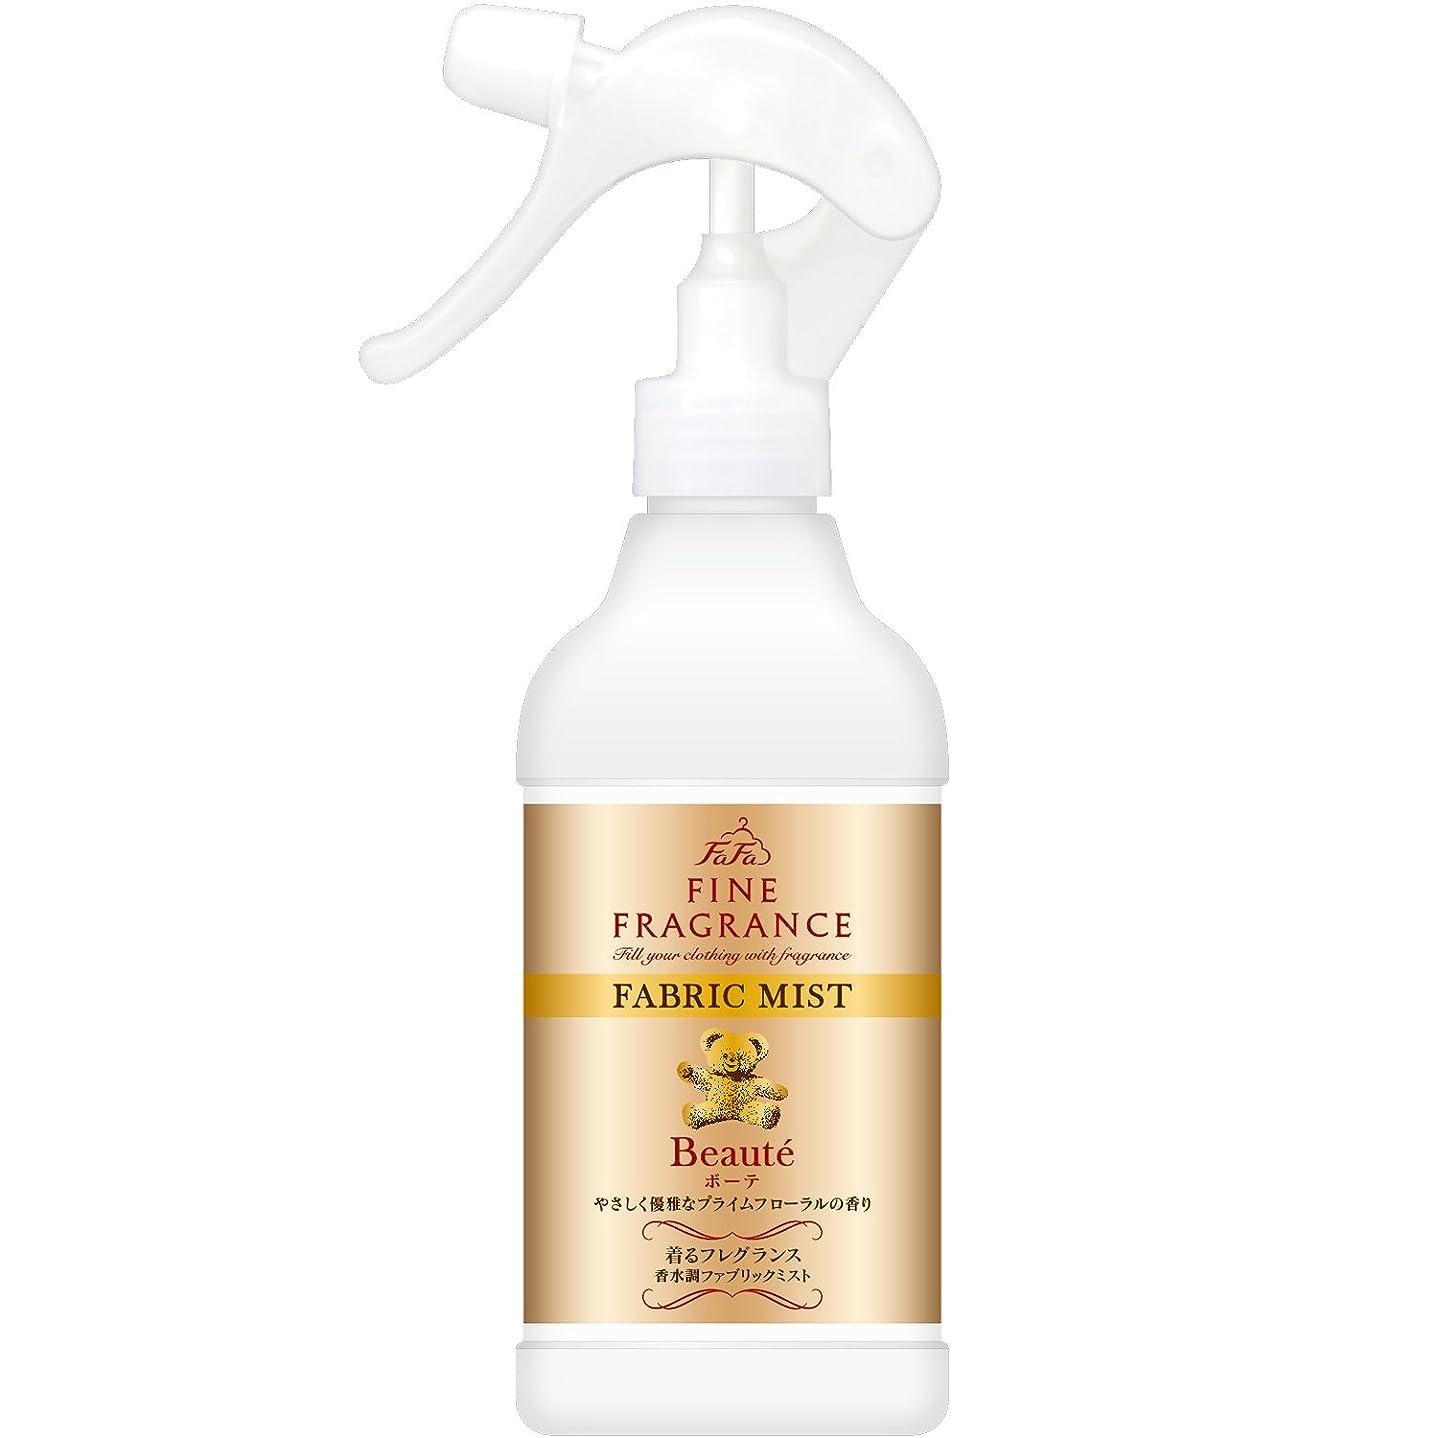 投資する永遠の努力するファーファ ファインフレグランス ファブリックミスト 消臭芳香剤 布用 ボーテ 香水調プライムフローラルの香り 本体 250ml